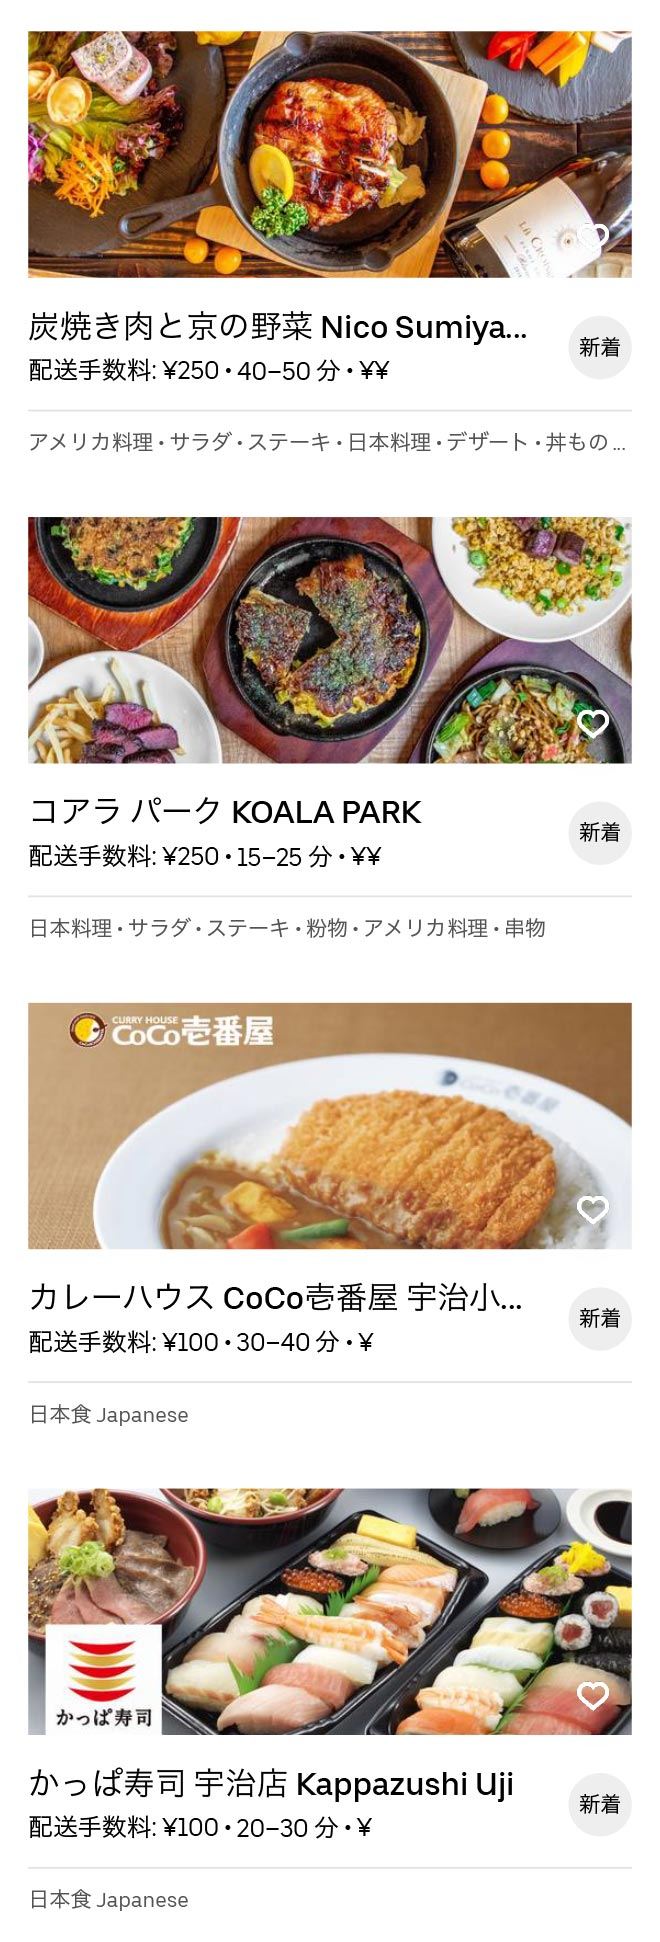 Uji ogura menu 2005 02